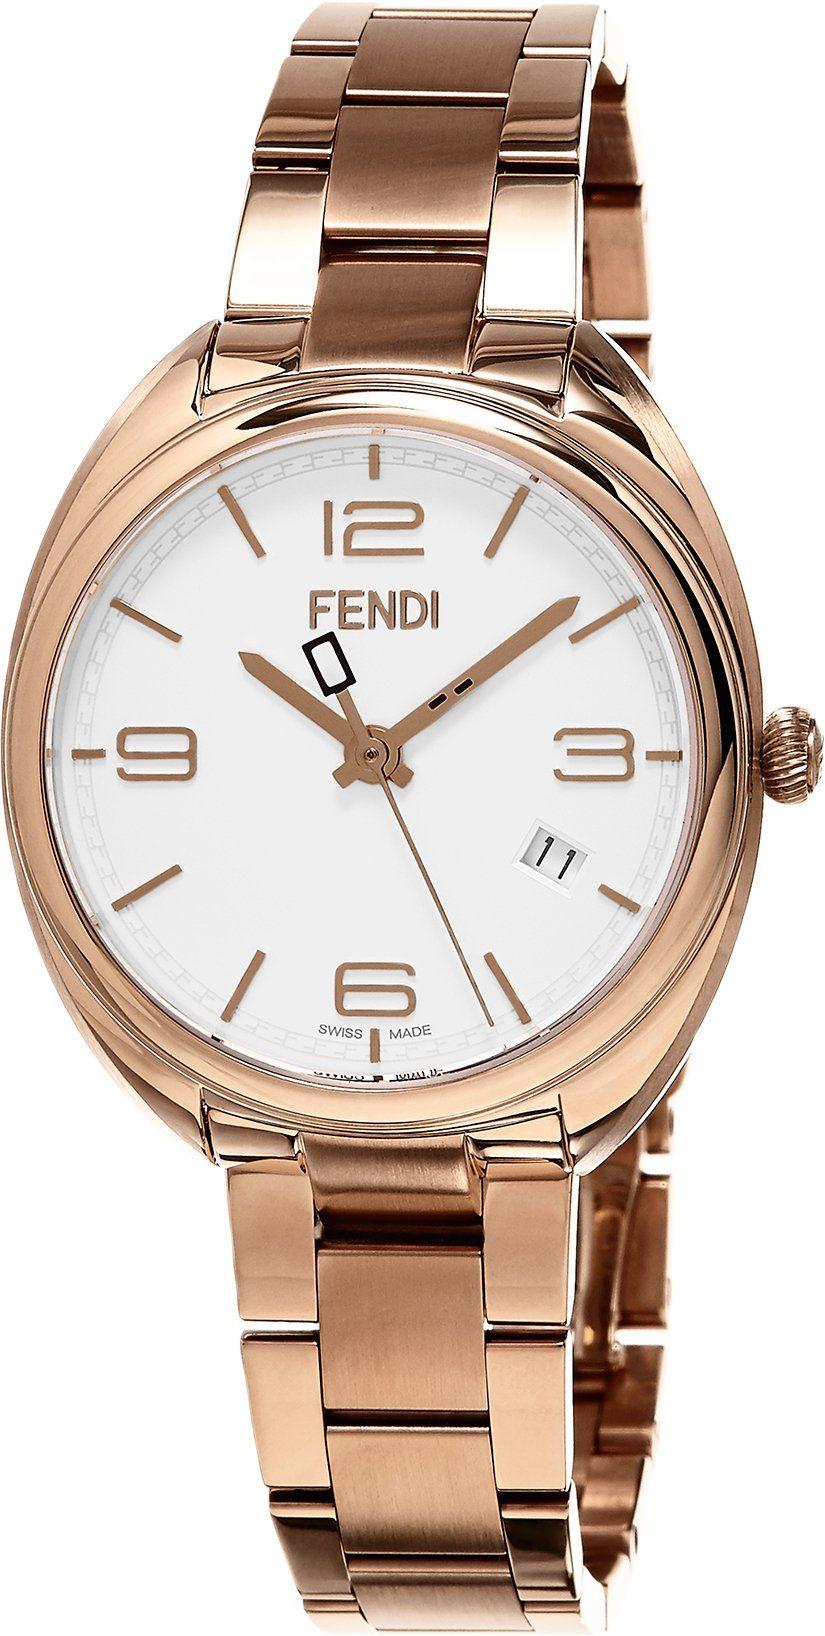 Fendi womenus umomentou swiss quartz stainless steel dress watch